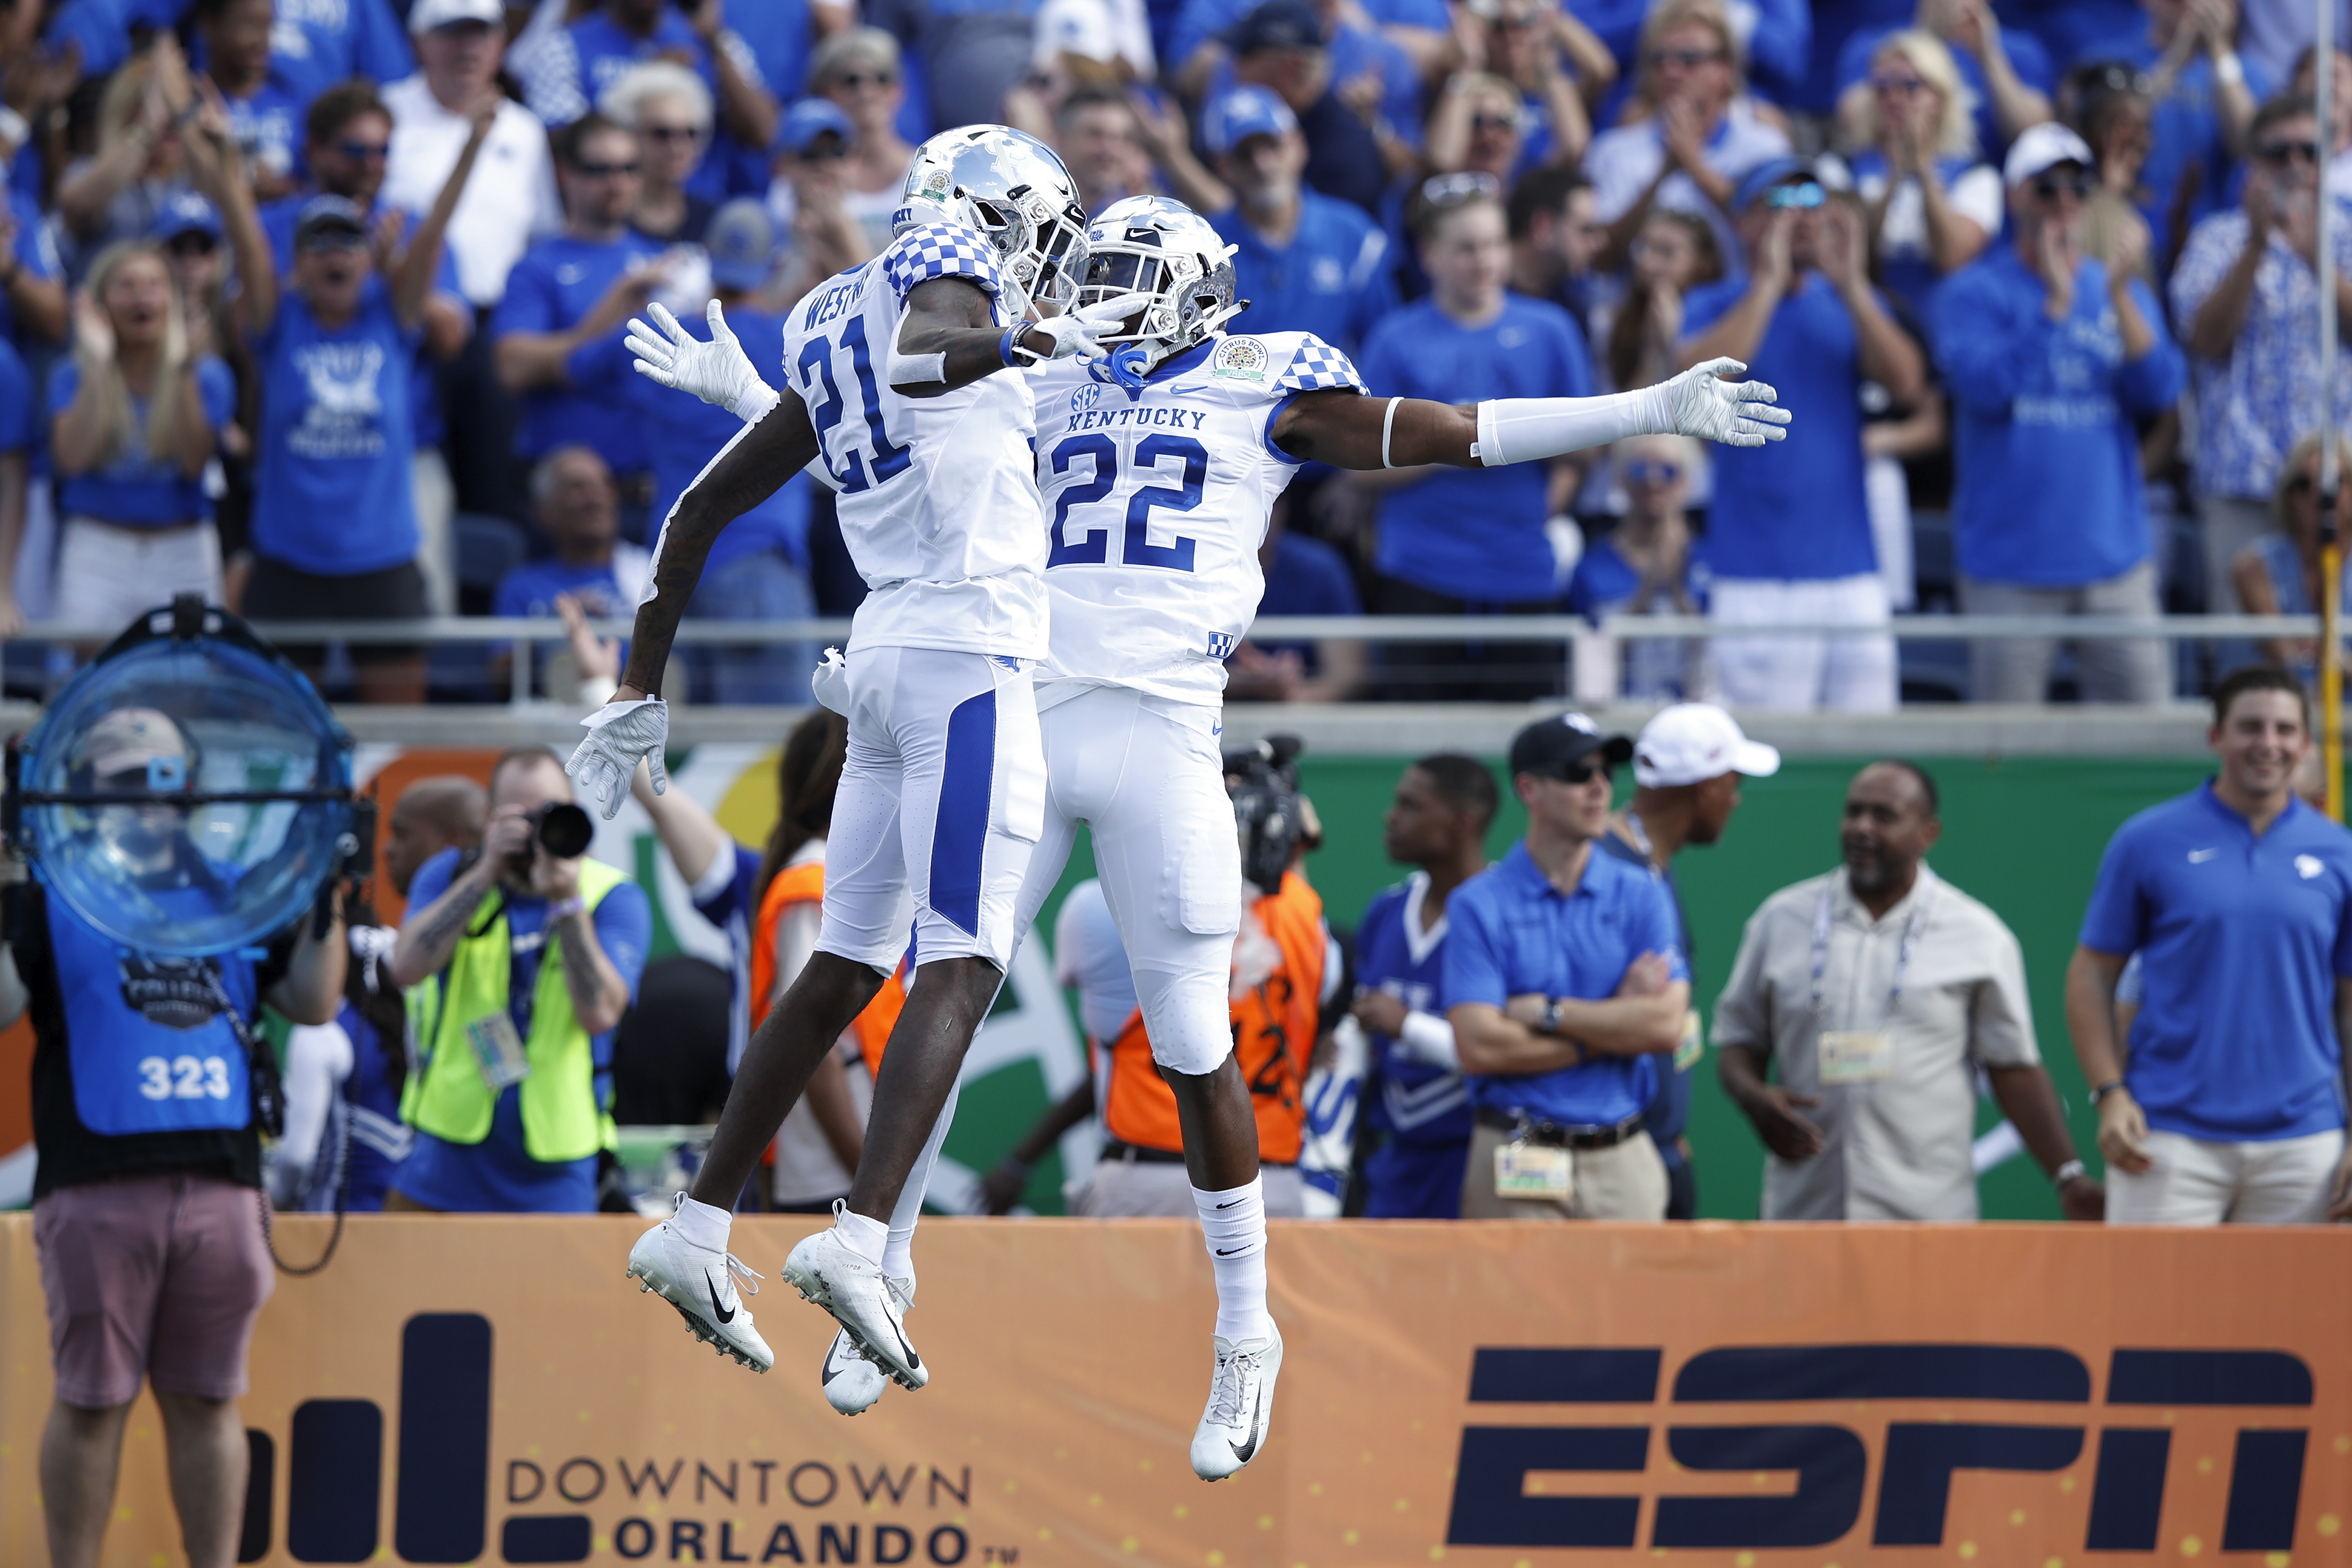 VRBO Citrus Bowl - Kentucky v Penn State